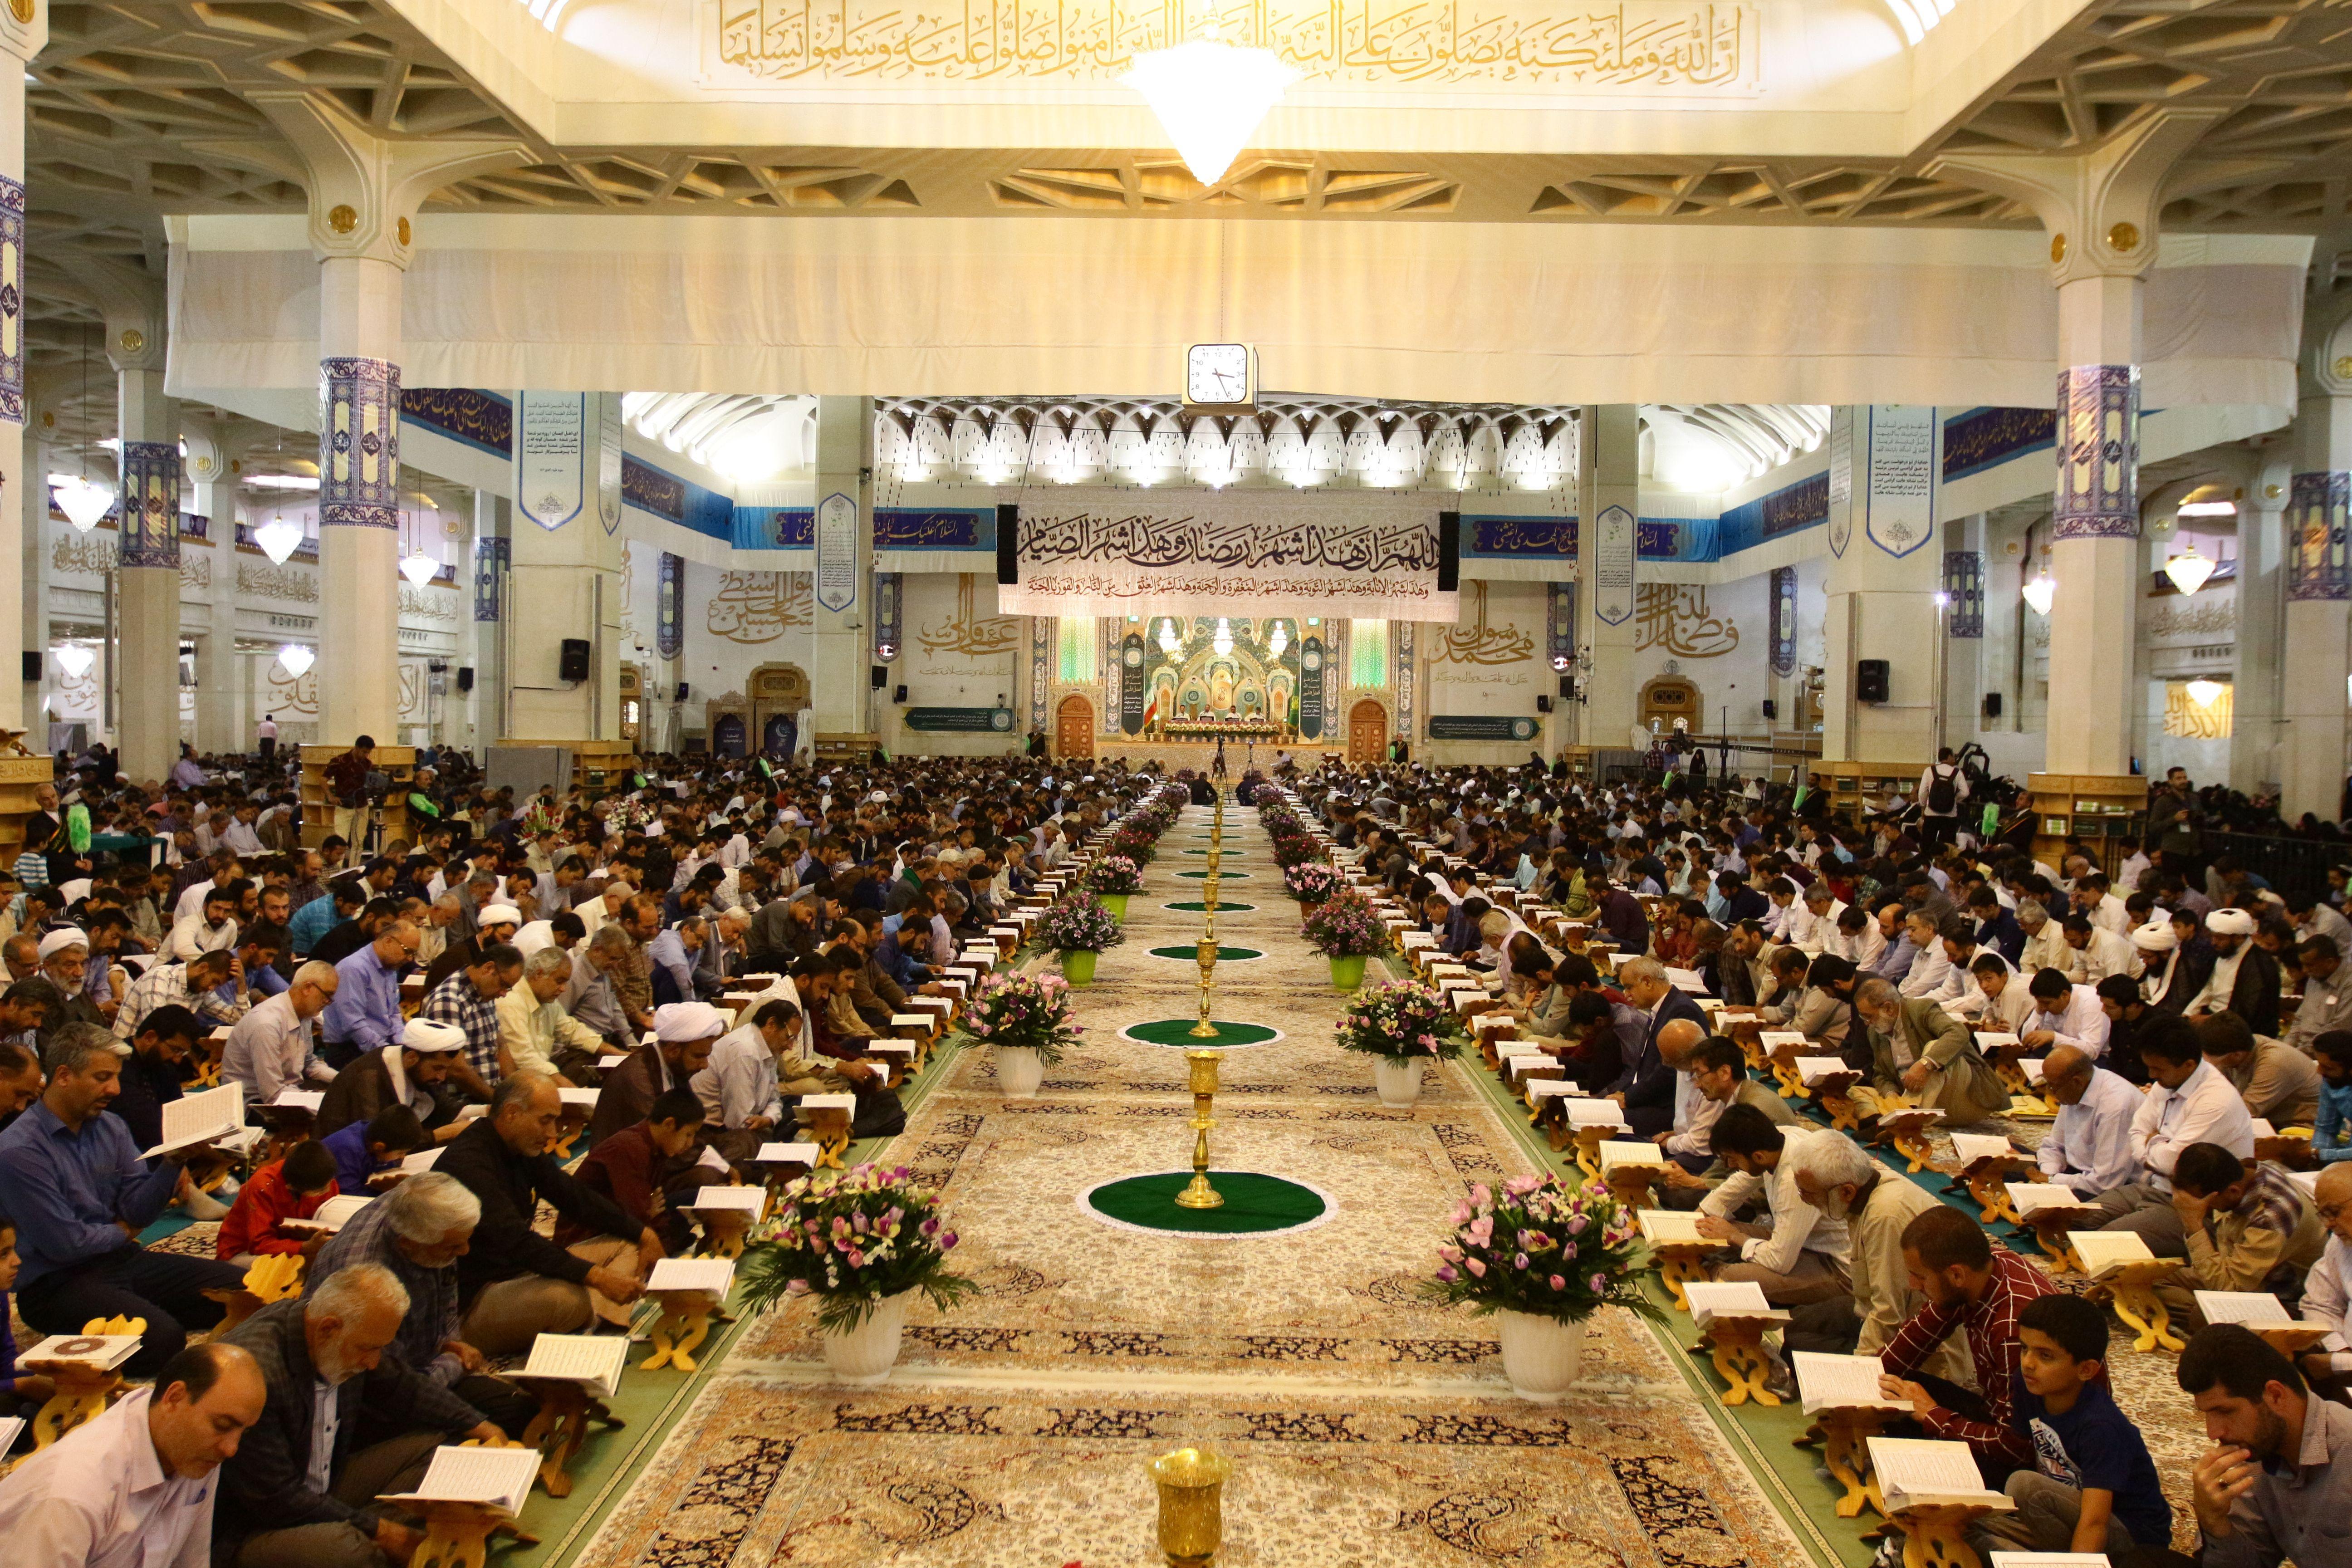 مرکز قرآن و حدیث کریمه اهل بیت علیها السلام